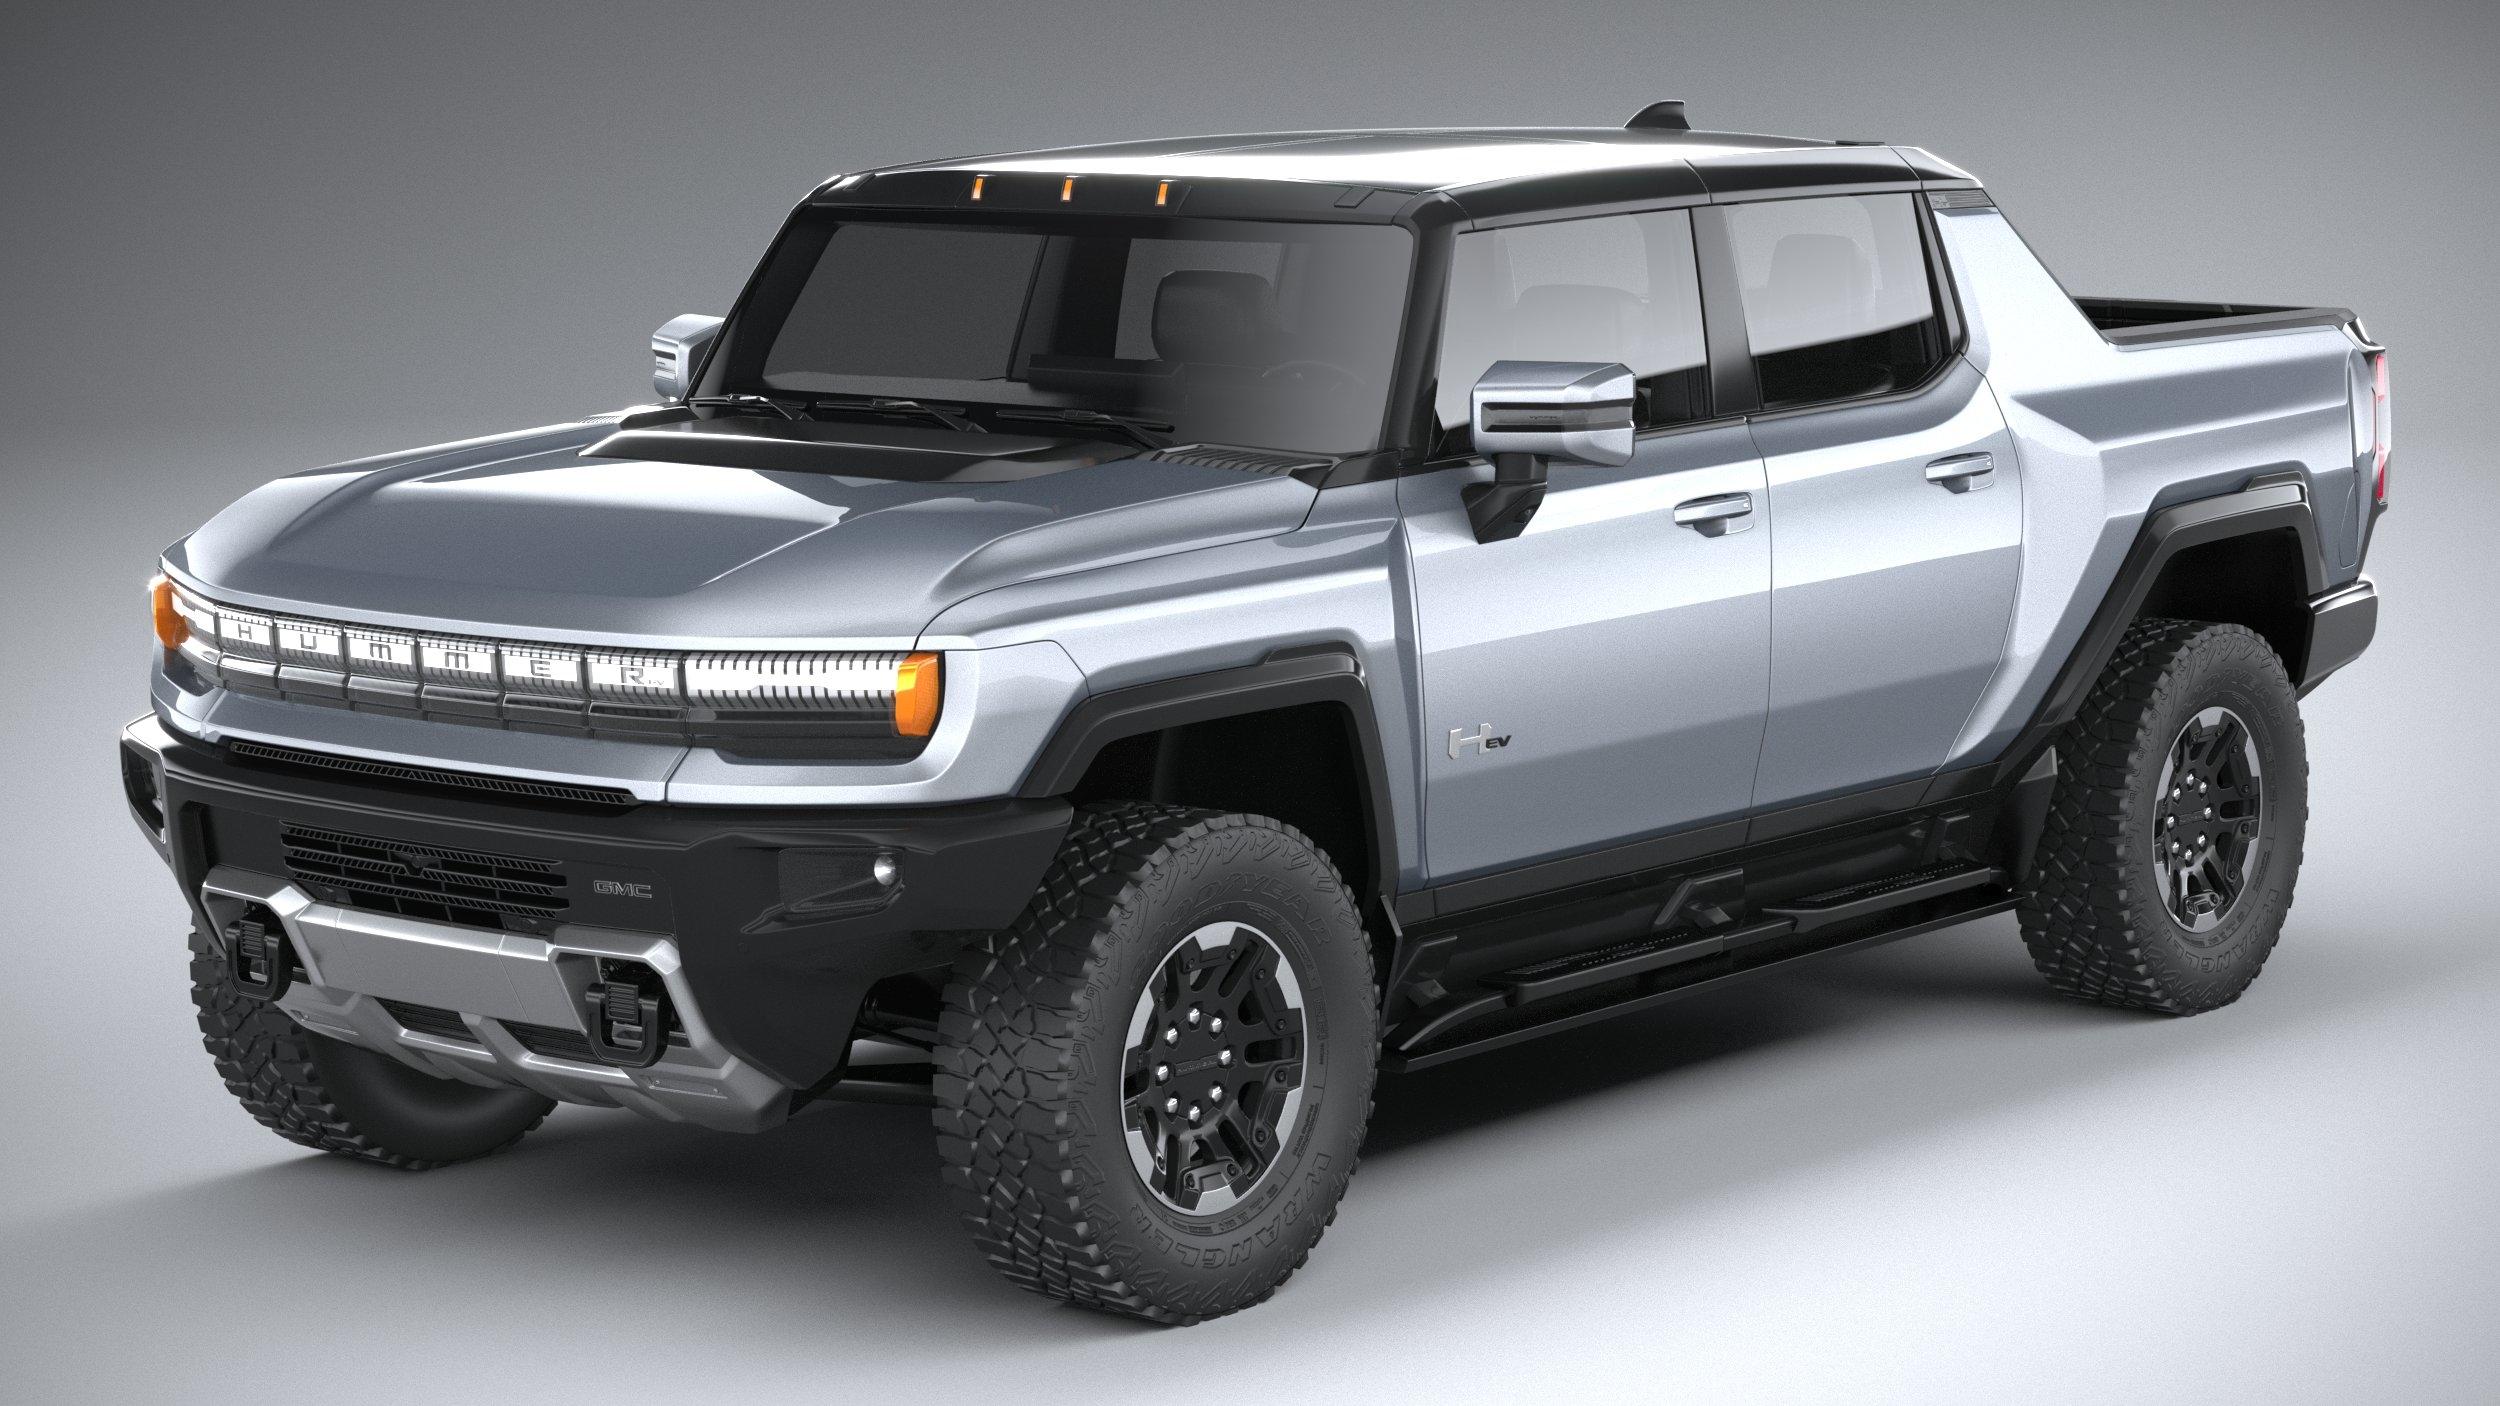 GMC Denali E85 Two-Mode Hybrid Concept